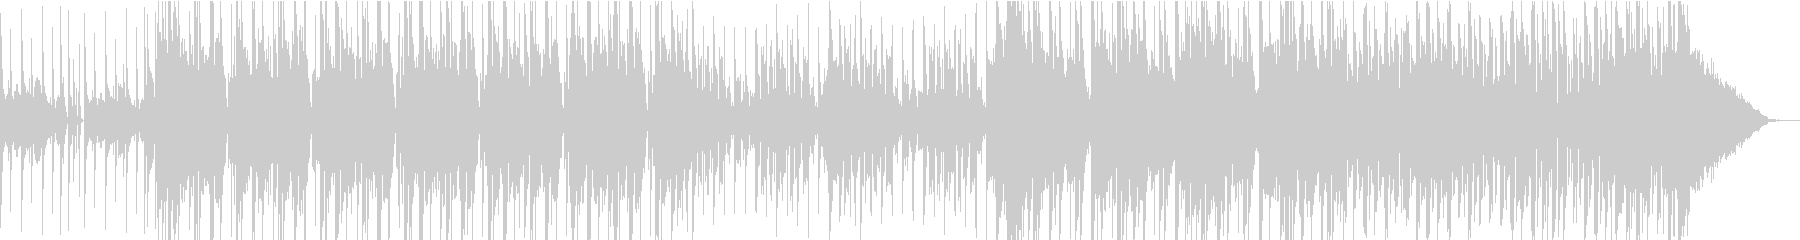 荒々しいエレクトロニカの未再生の波形